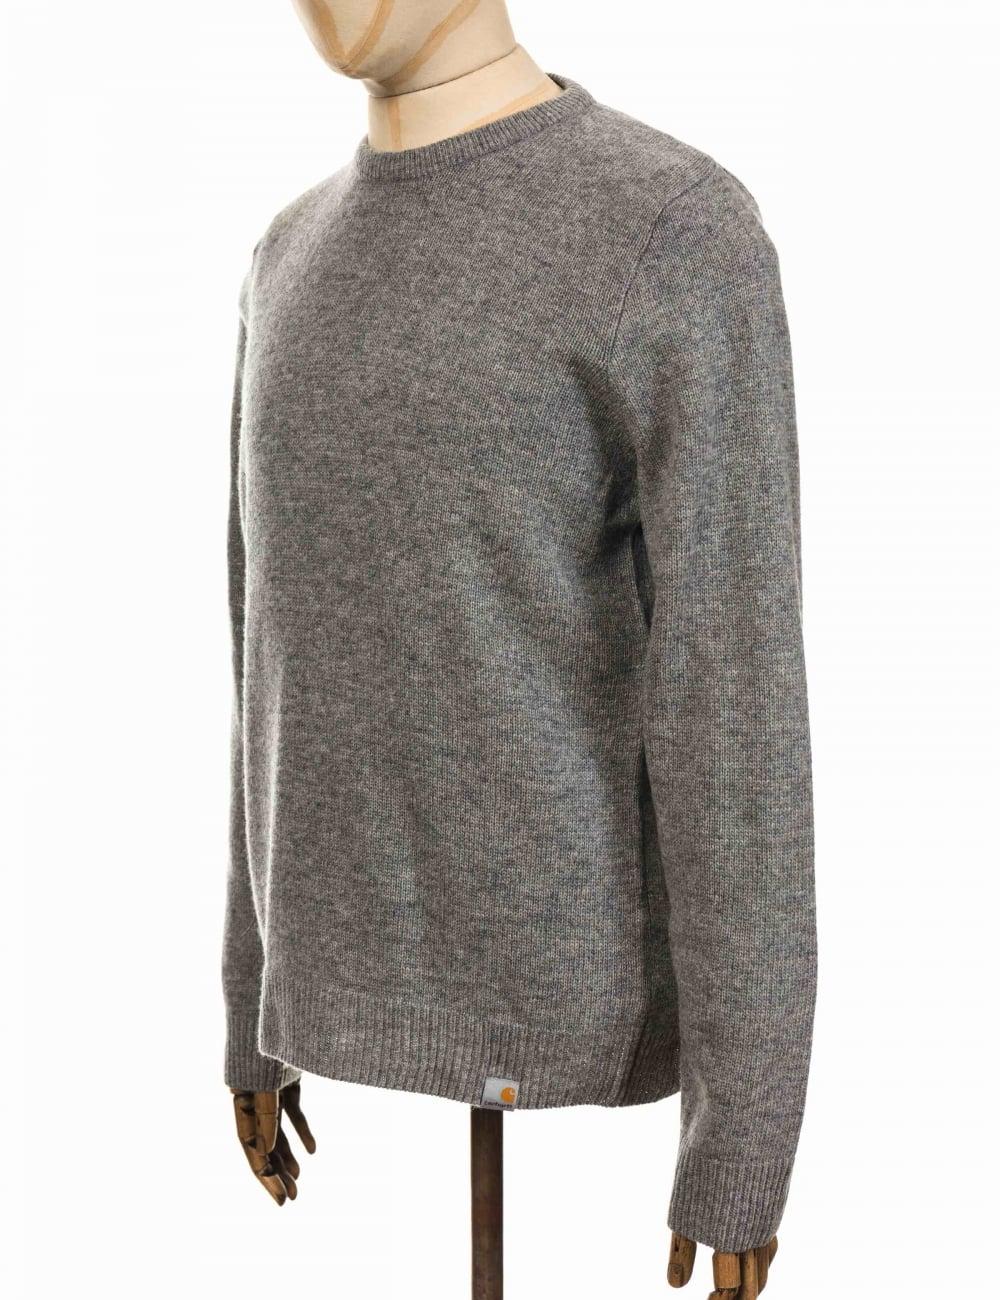 Allen Knit Sweater Grey Heather